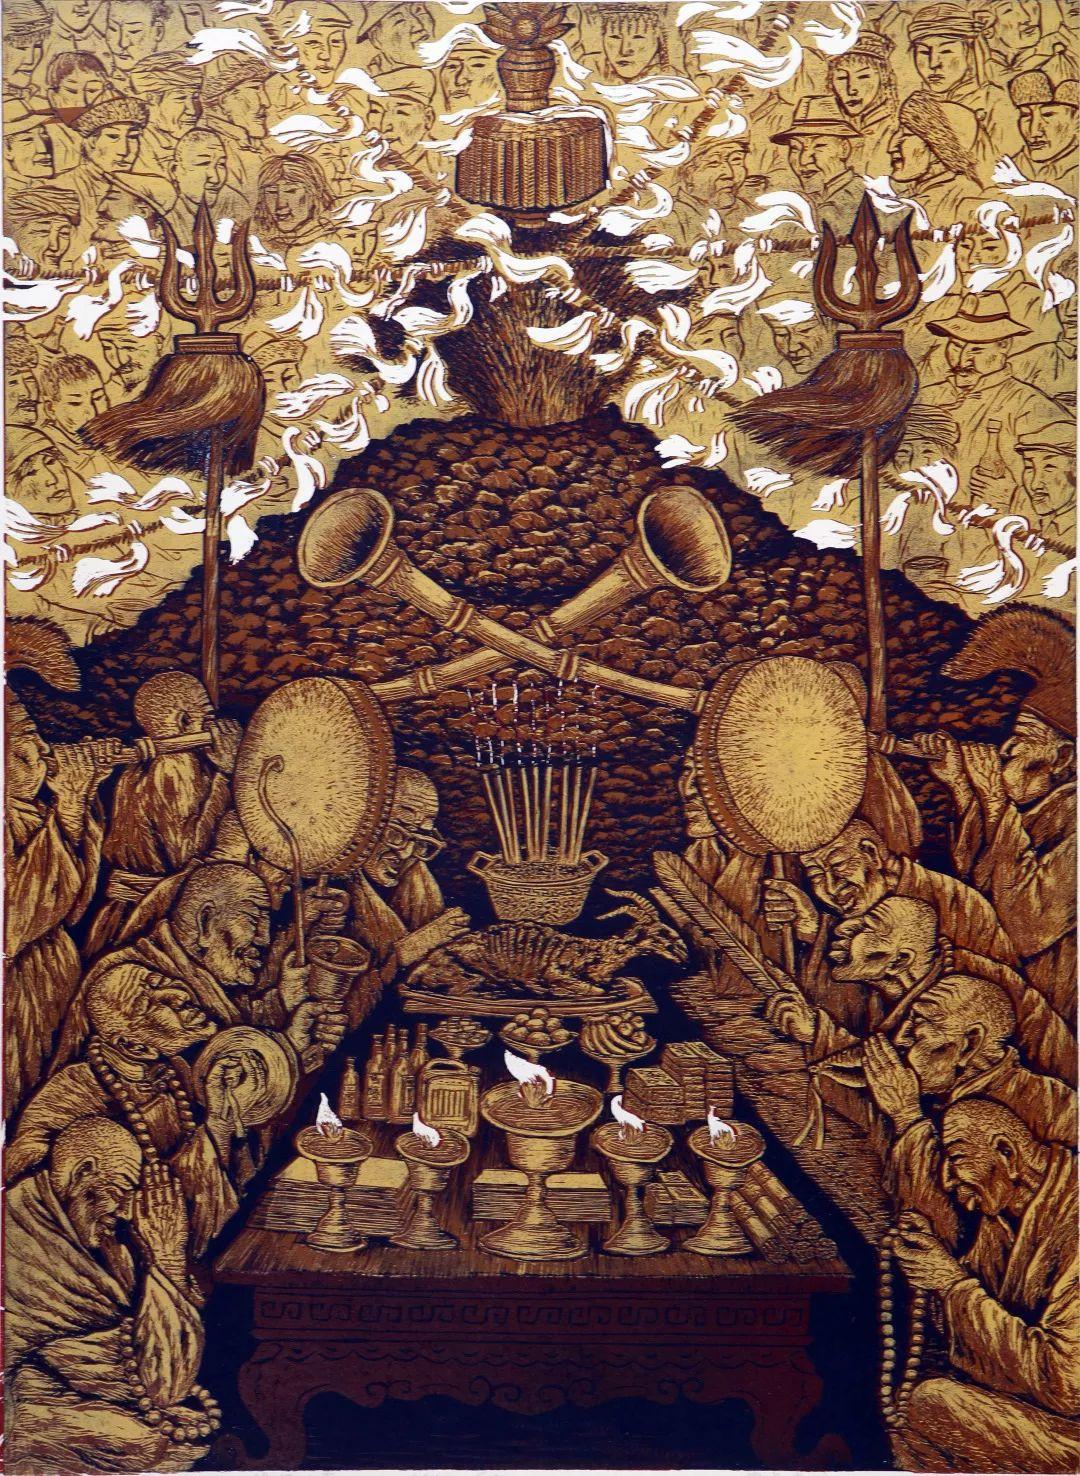 科尔沁文化名片 | 蓬勃发展的奈曼版画 第25张 科尔沁文化名片 | 蓬勃发展的奈曼版画 蒙古画廊